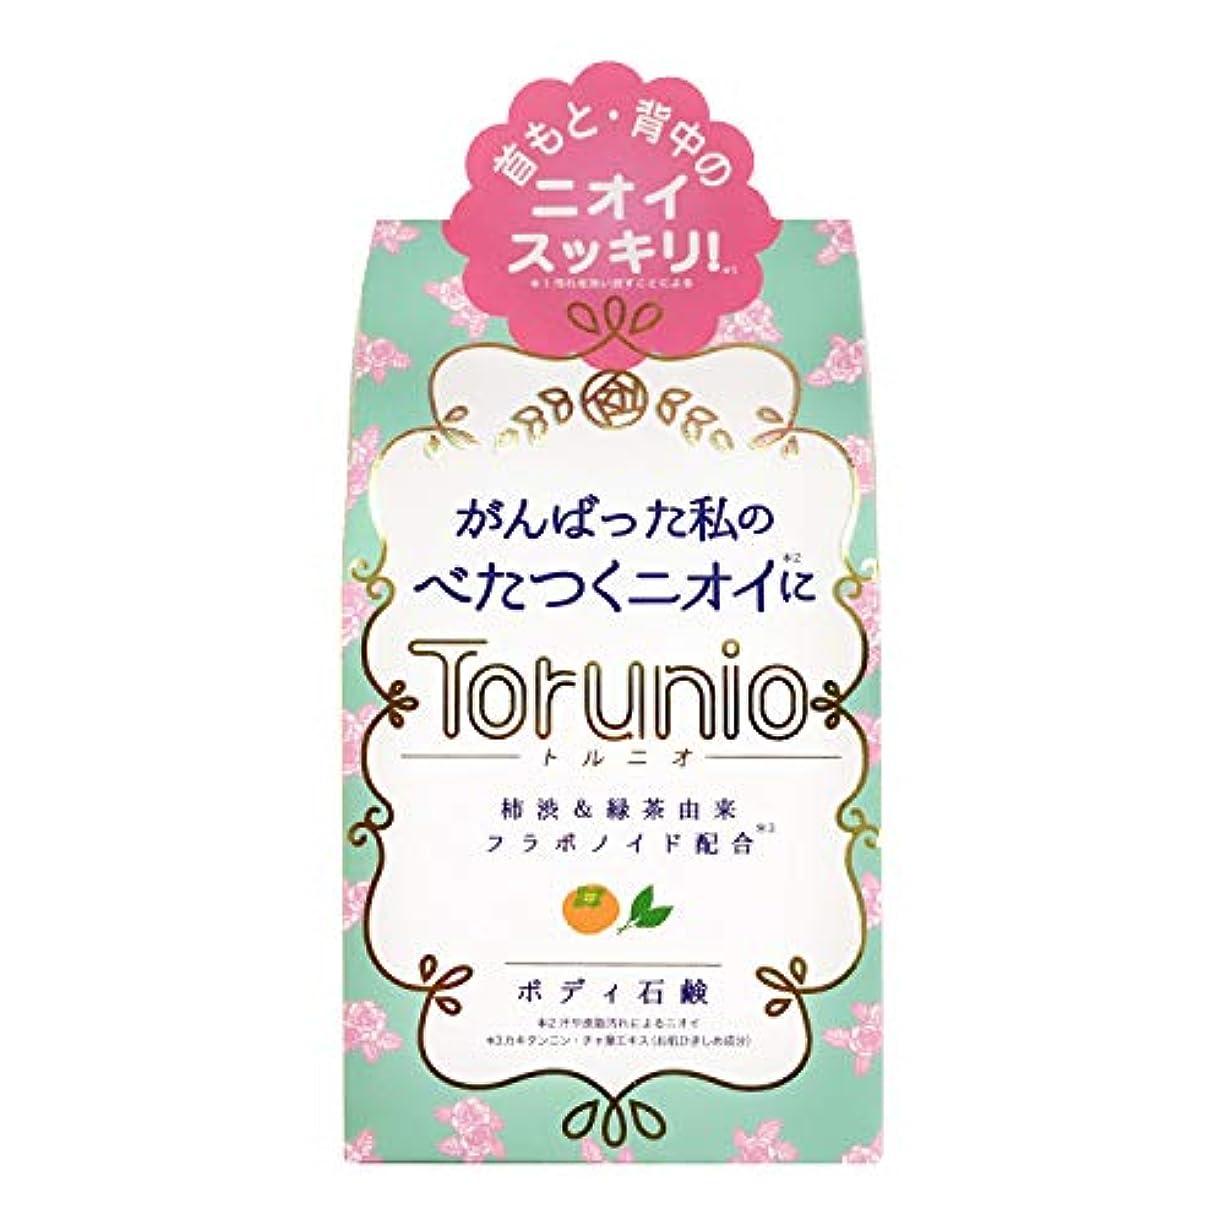 死対角線強調するTorunio(トルニオ)石鹸 100g